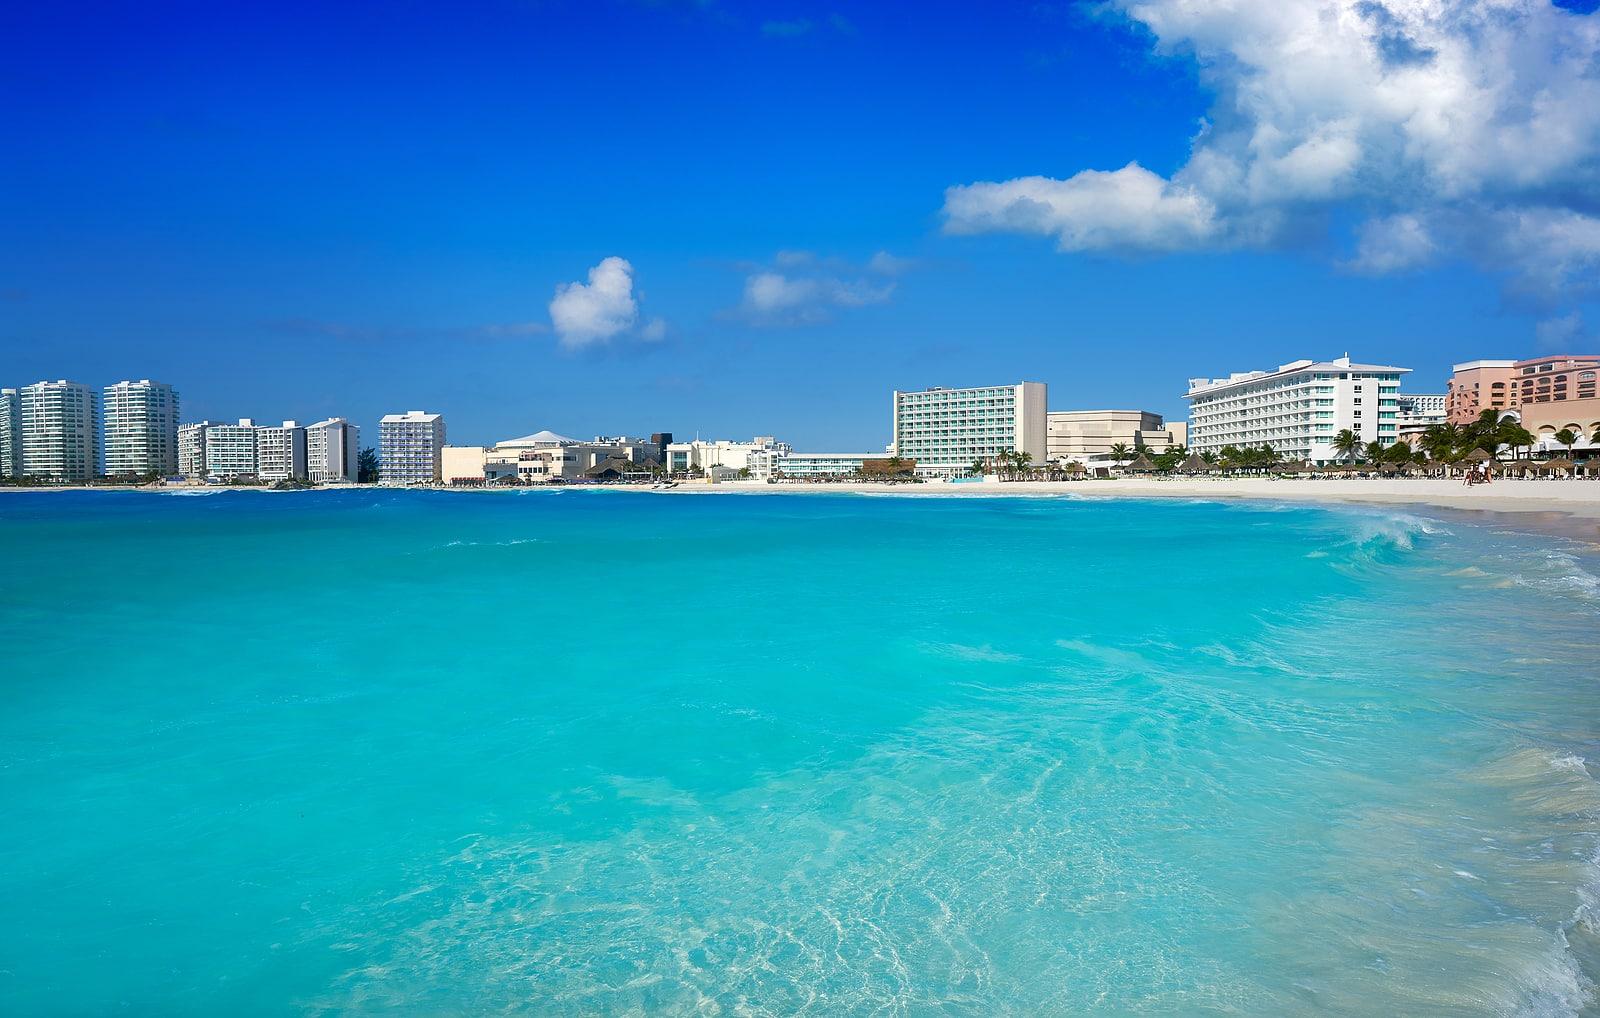 Cancun Forum beach Playa Gaviota Azul in Mexico at Hotel Zone by krystal international vacation club